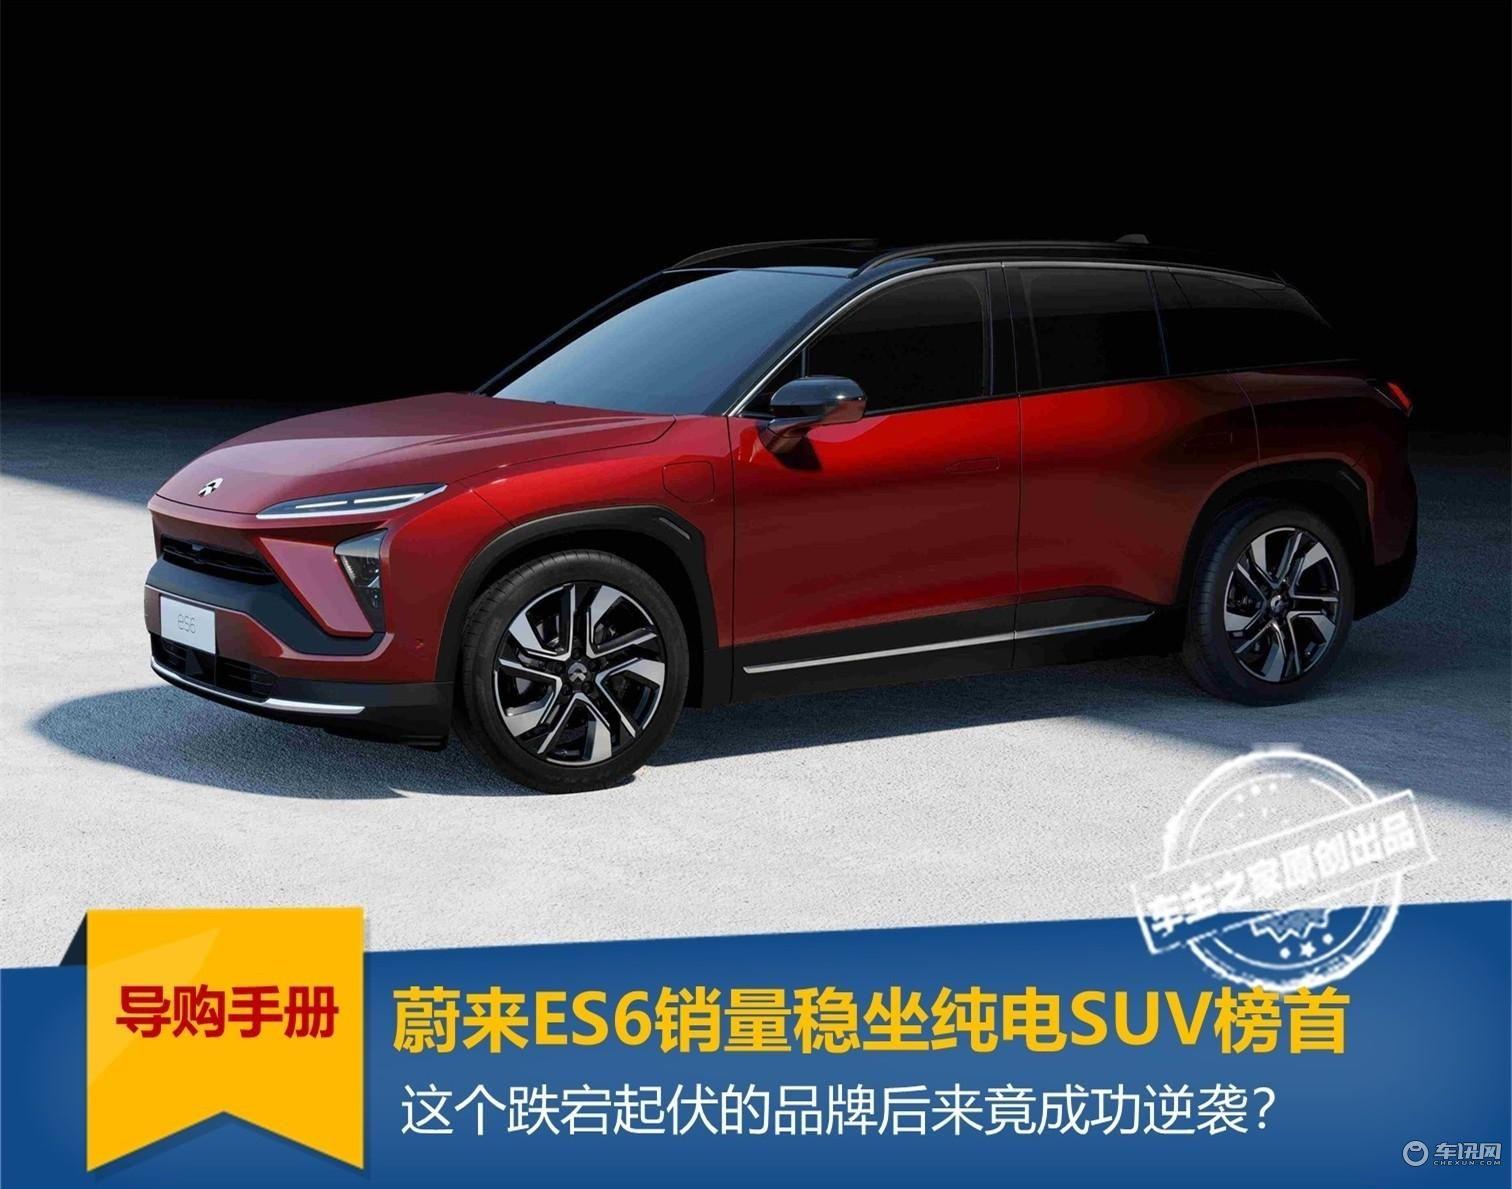 蔚来ES6销量稳坐纯电SUV榜首:跌宕起伏竟成功逆袭?